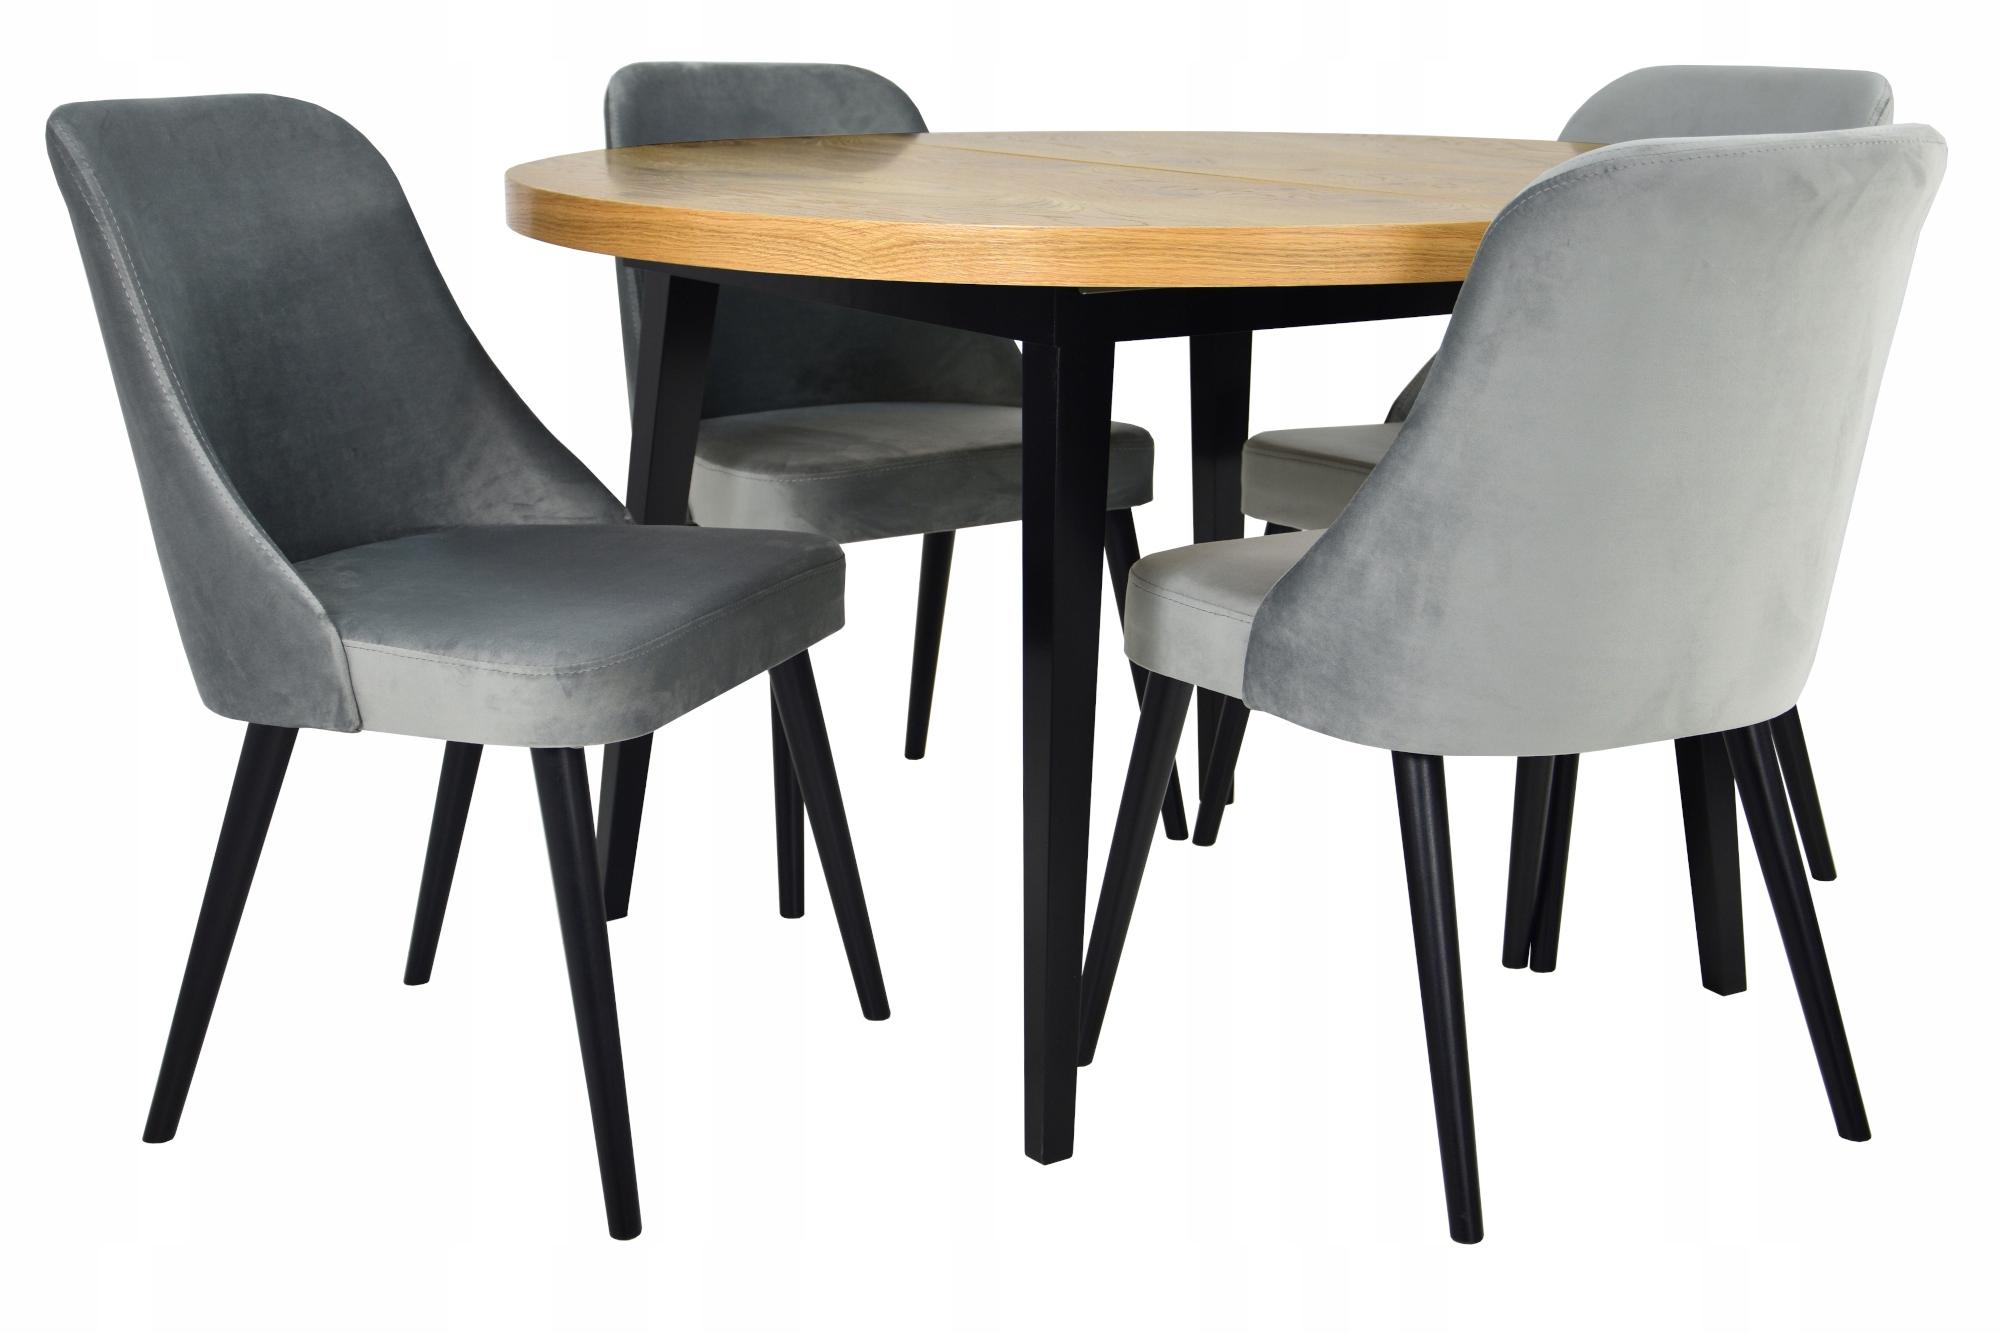 4 stoličiek a INÉHO TKANIVA + tabuľky kolo SÚČASNÉHO